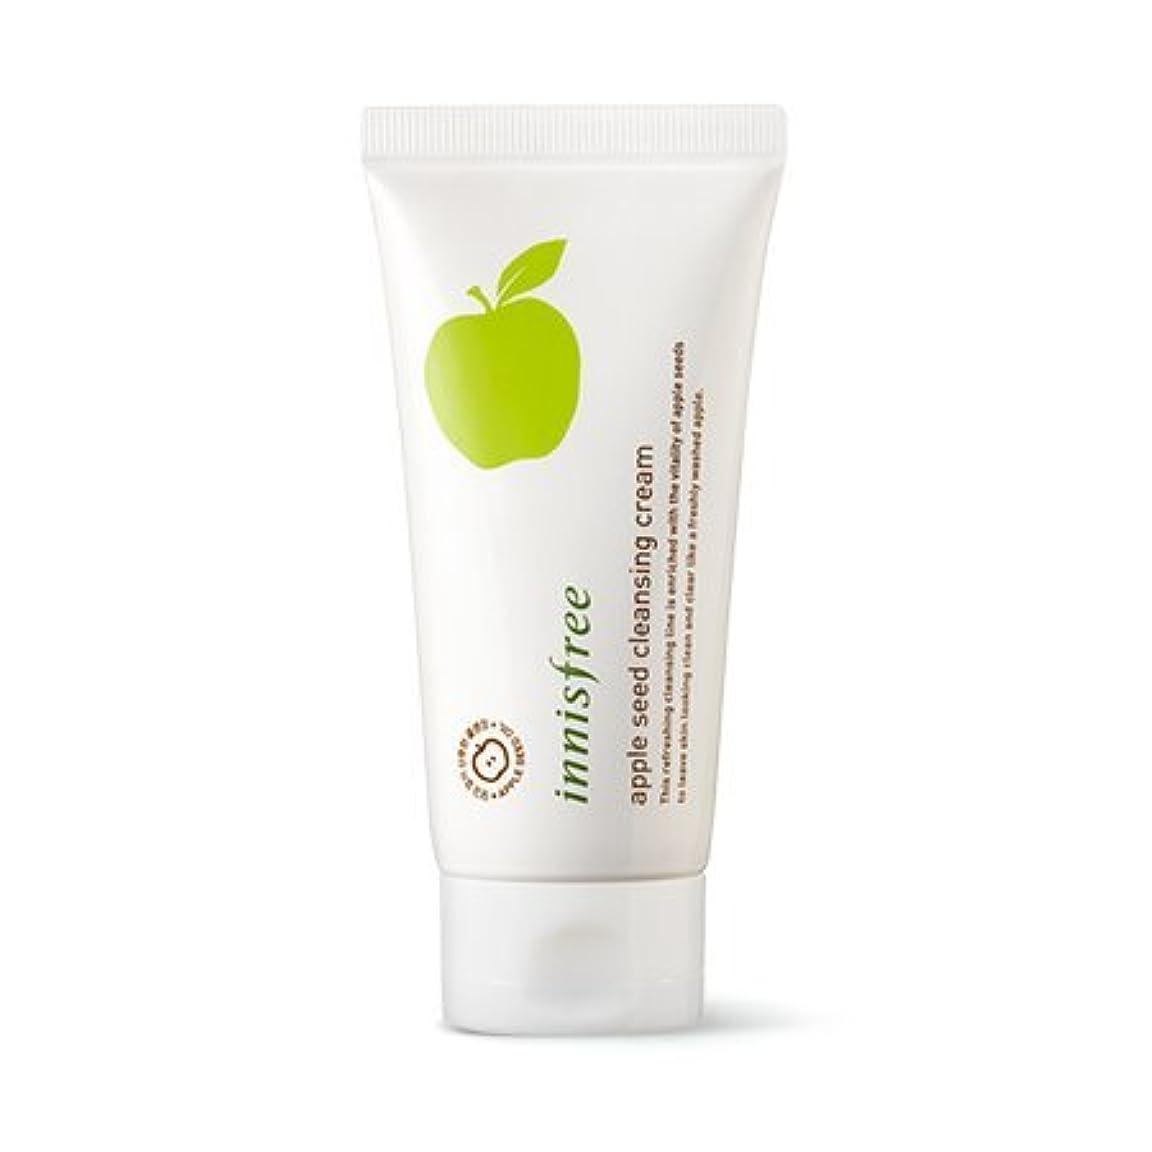 デッキ手数料形容詞[New] innisfree Apple Seed Cleansing Cream 150ml/イニスフリー アップル シード クレンジング クリーム 150ml